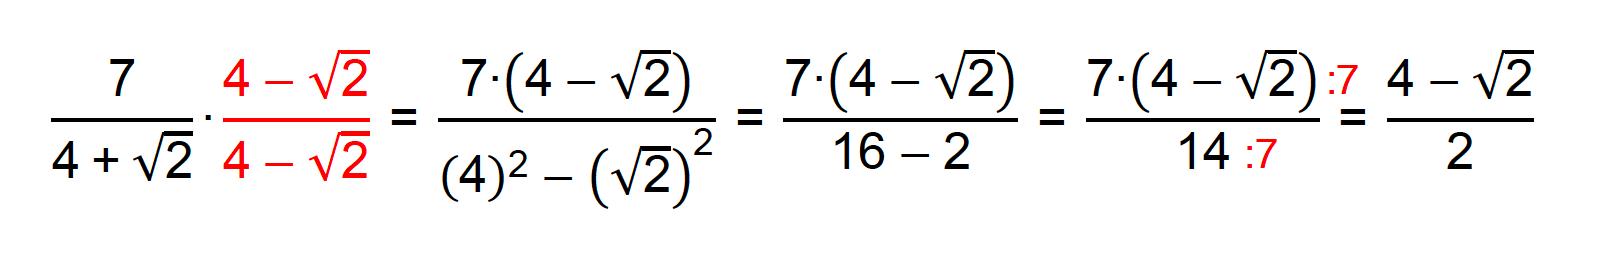 Racionalização do denominador da fração 7/(4+√2)